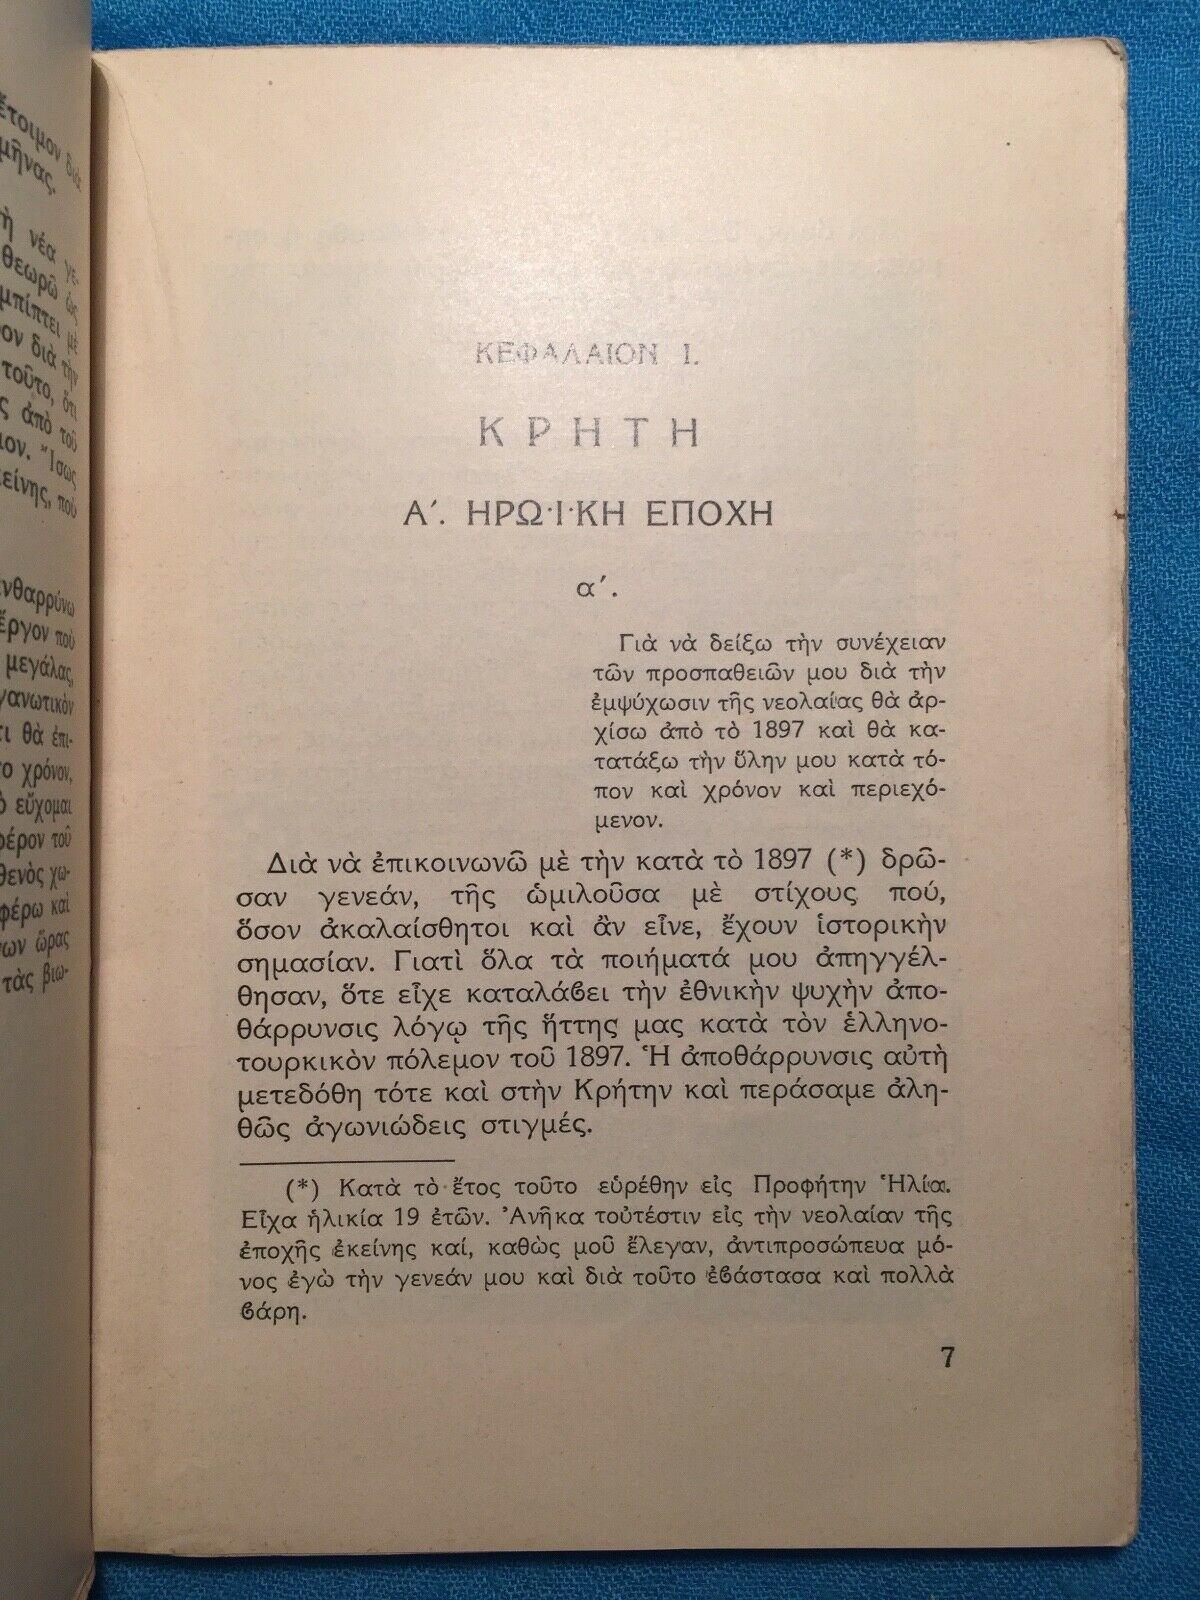 eon-greece-book-1937-eon-fascist-youth-07